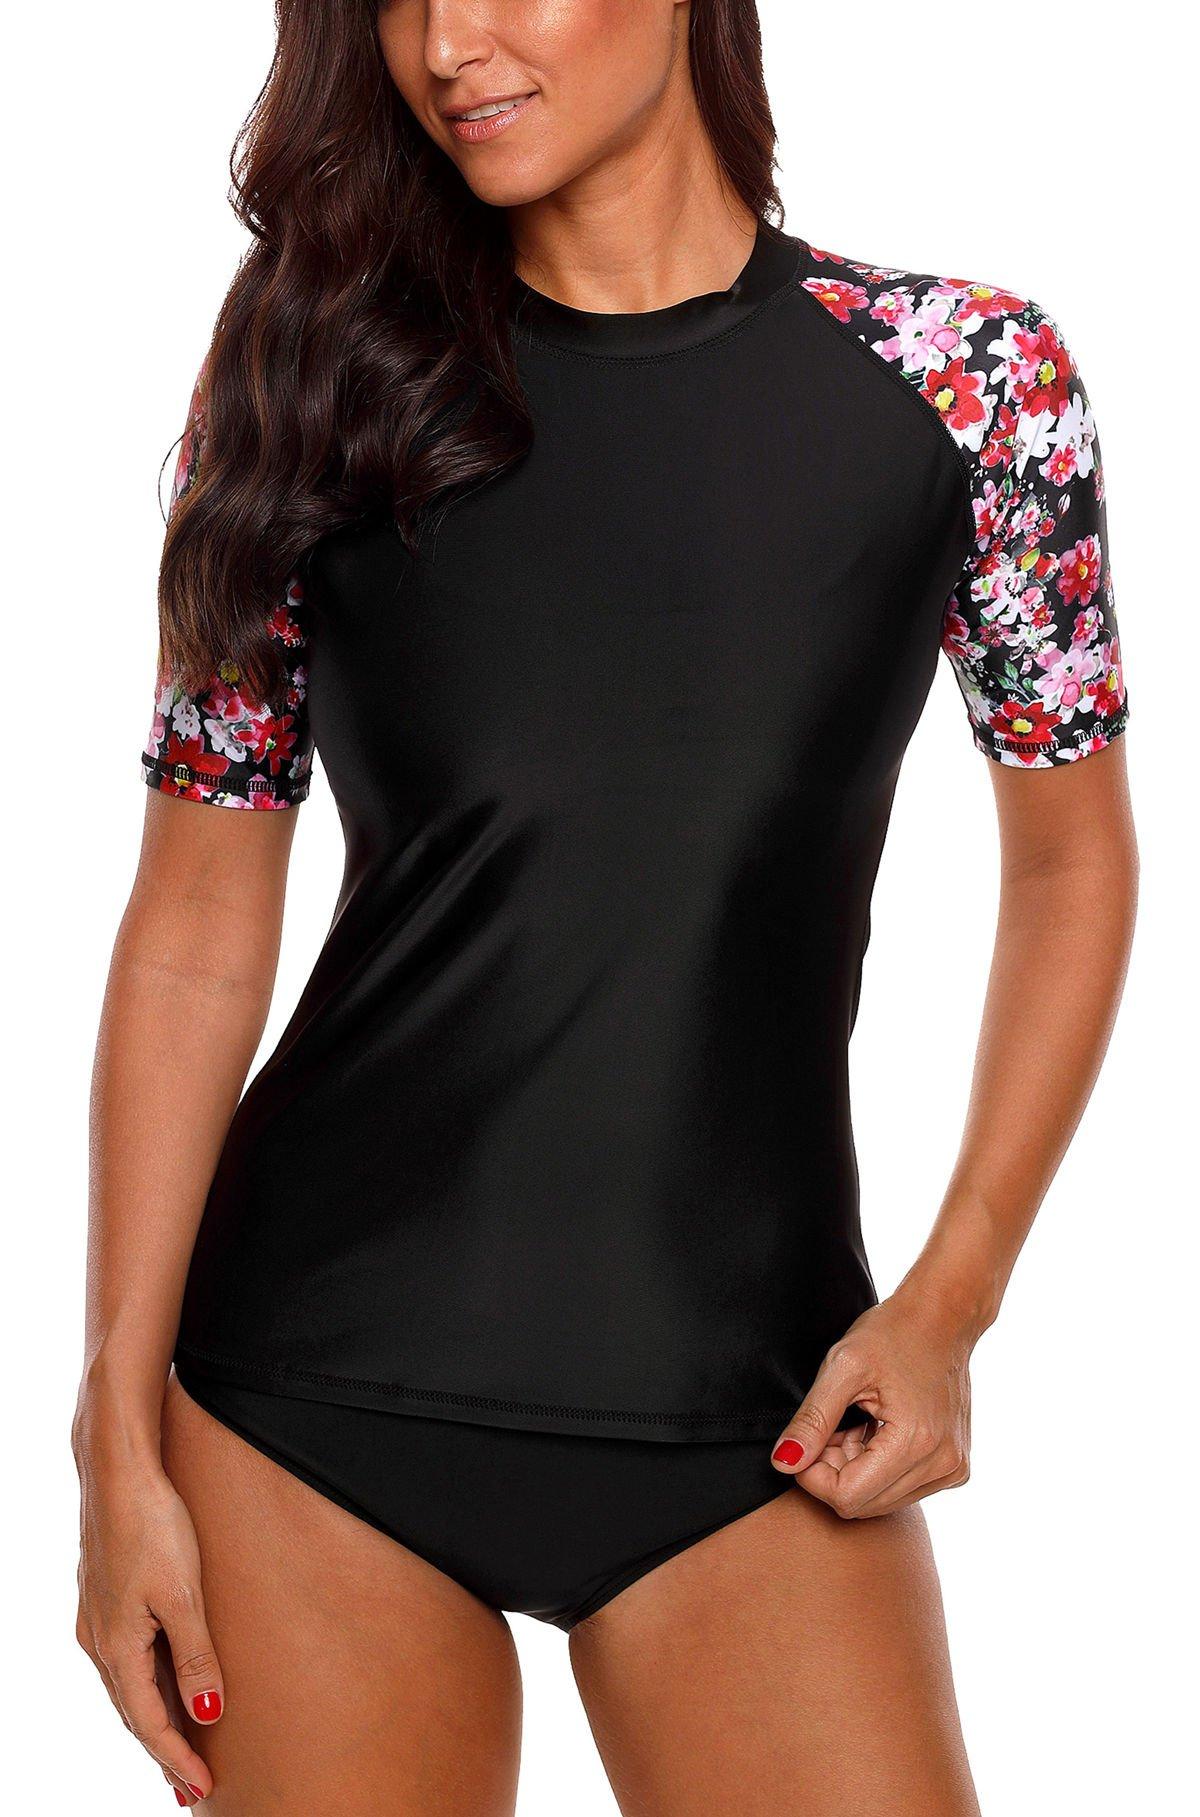 beautyin Sun Protection Rash Guard for Women Short Sleeve Surf Shirt Swimming Top by beautyin